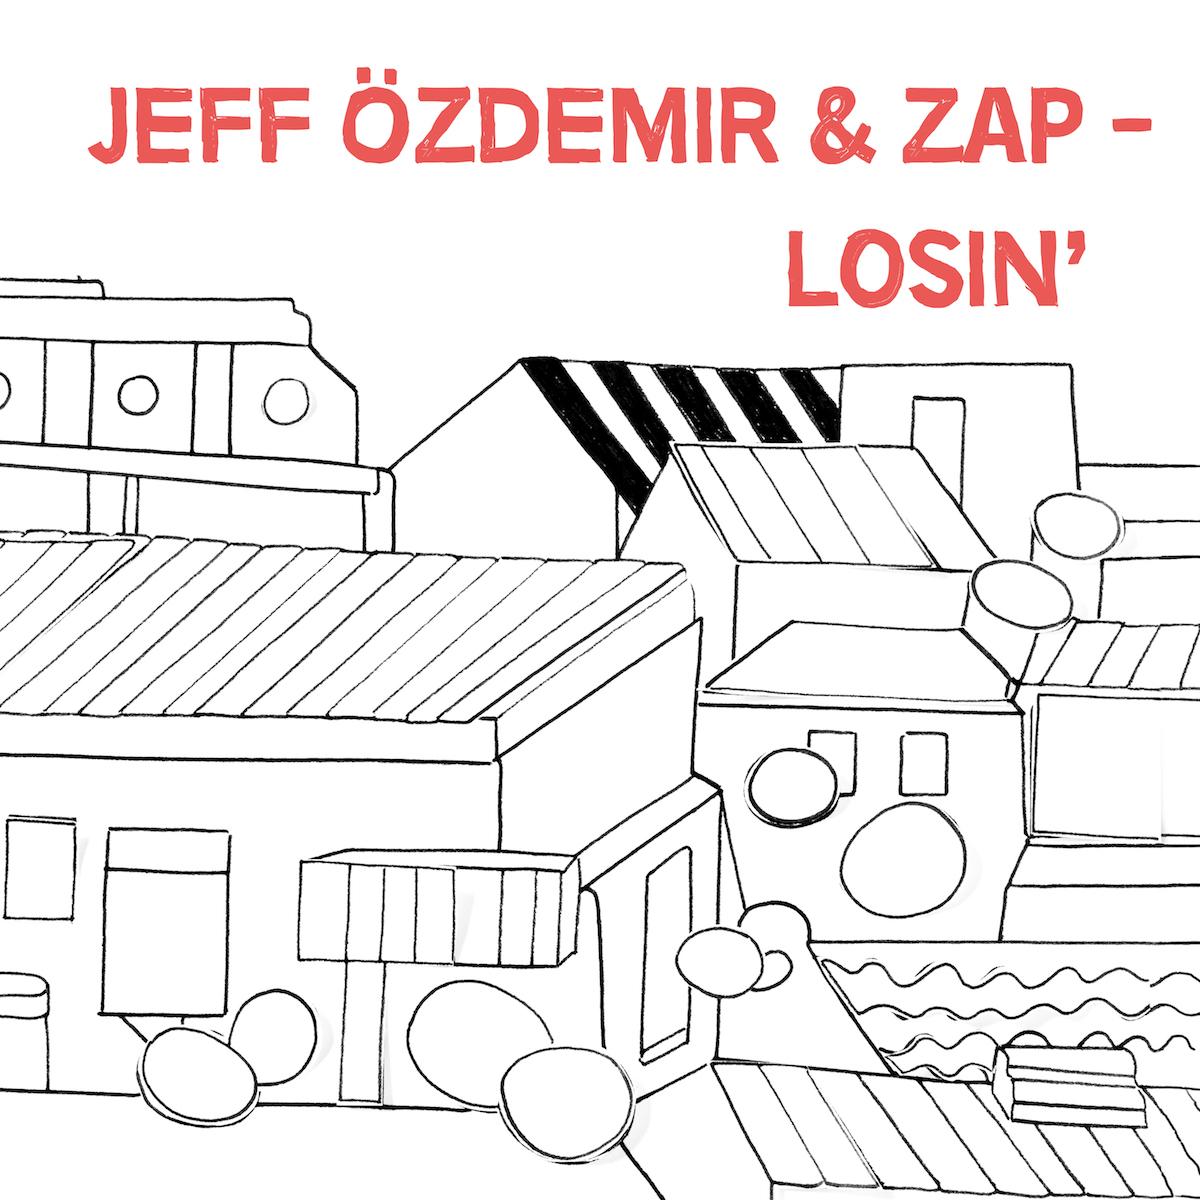 test Twitter Media - Out Today: Jeff Özdemir & Zap - Losin' 💙 - https://t.co/aM8x52SIM3 https://t.co/77H1mdgR8f